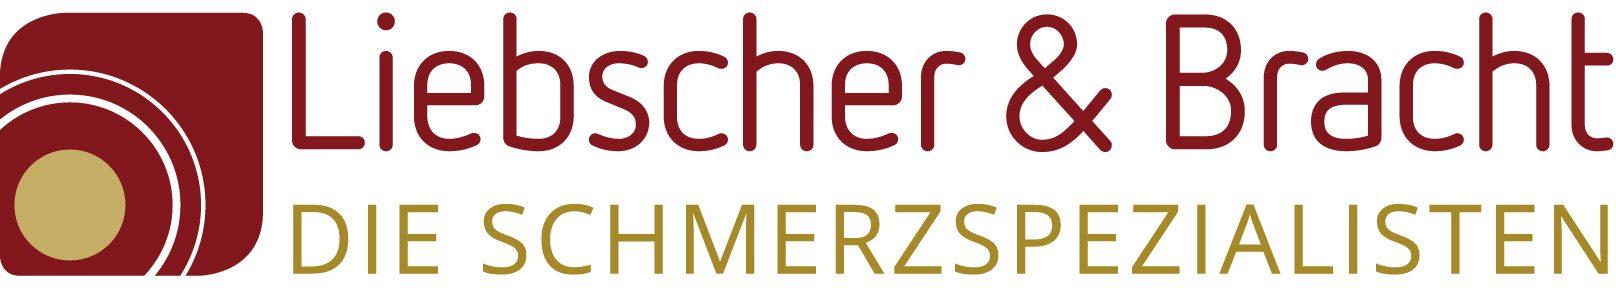 Liebscher & Bracht Schmerztherapie